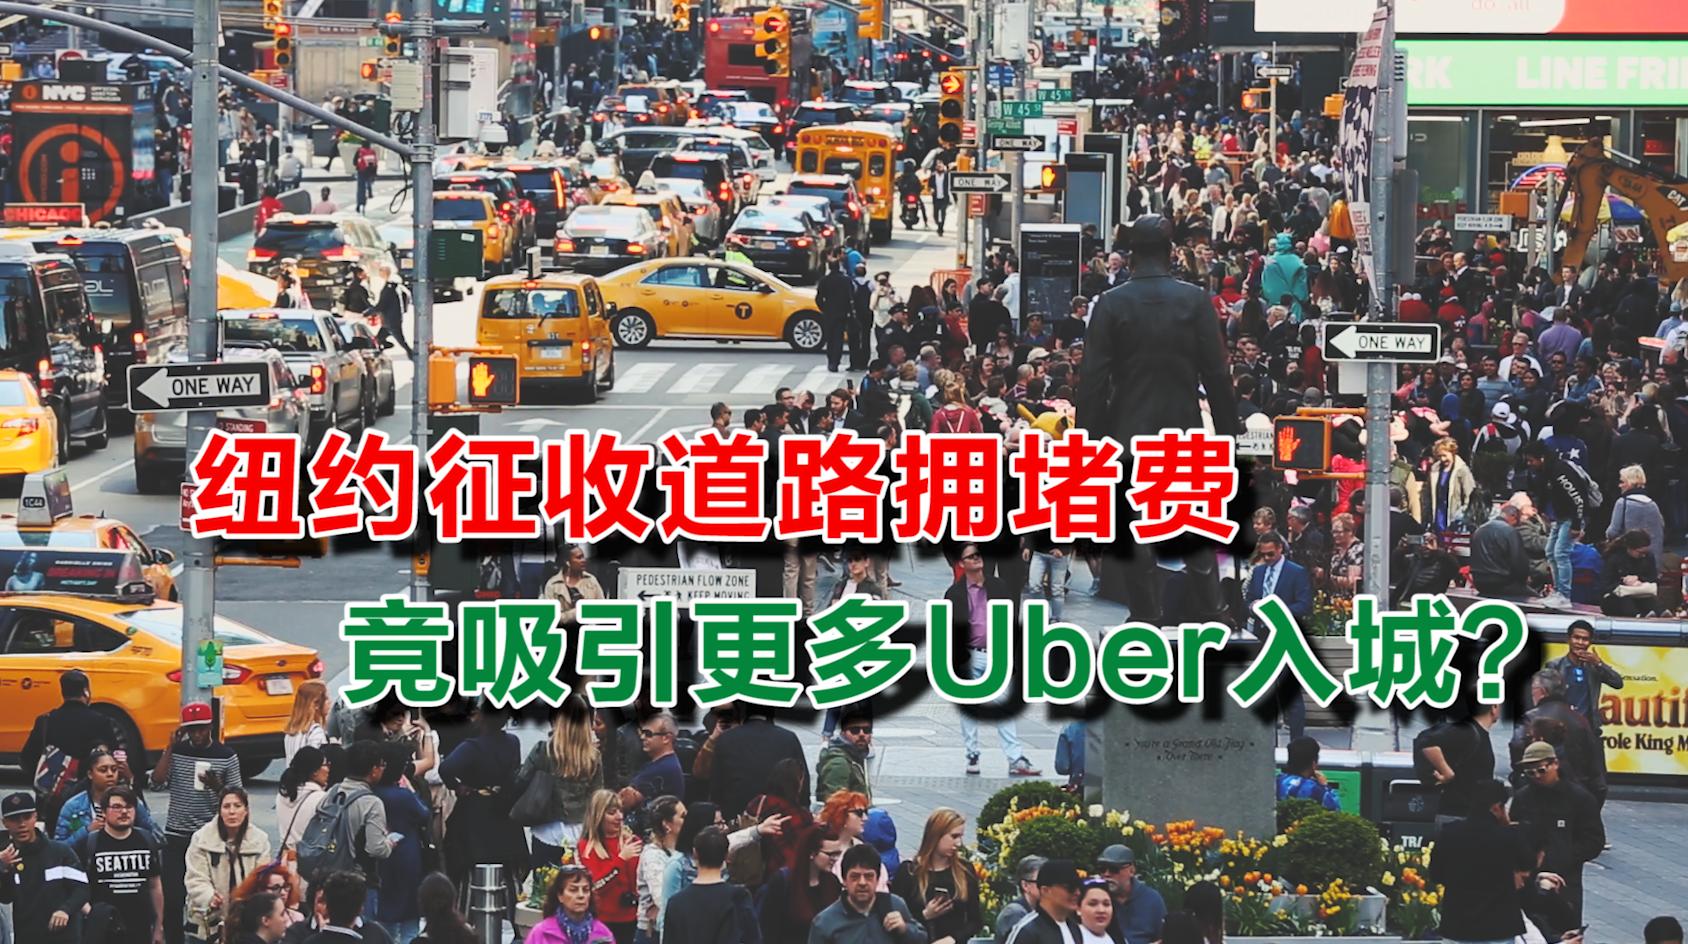 纽约征收道路拥堵费 竟吸引更多Uber入城?